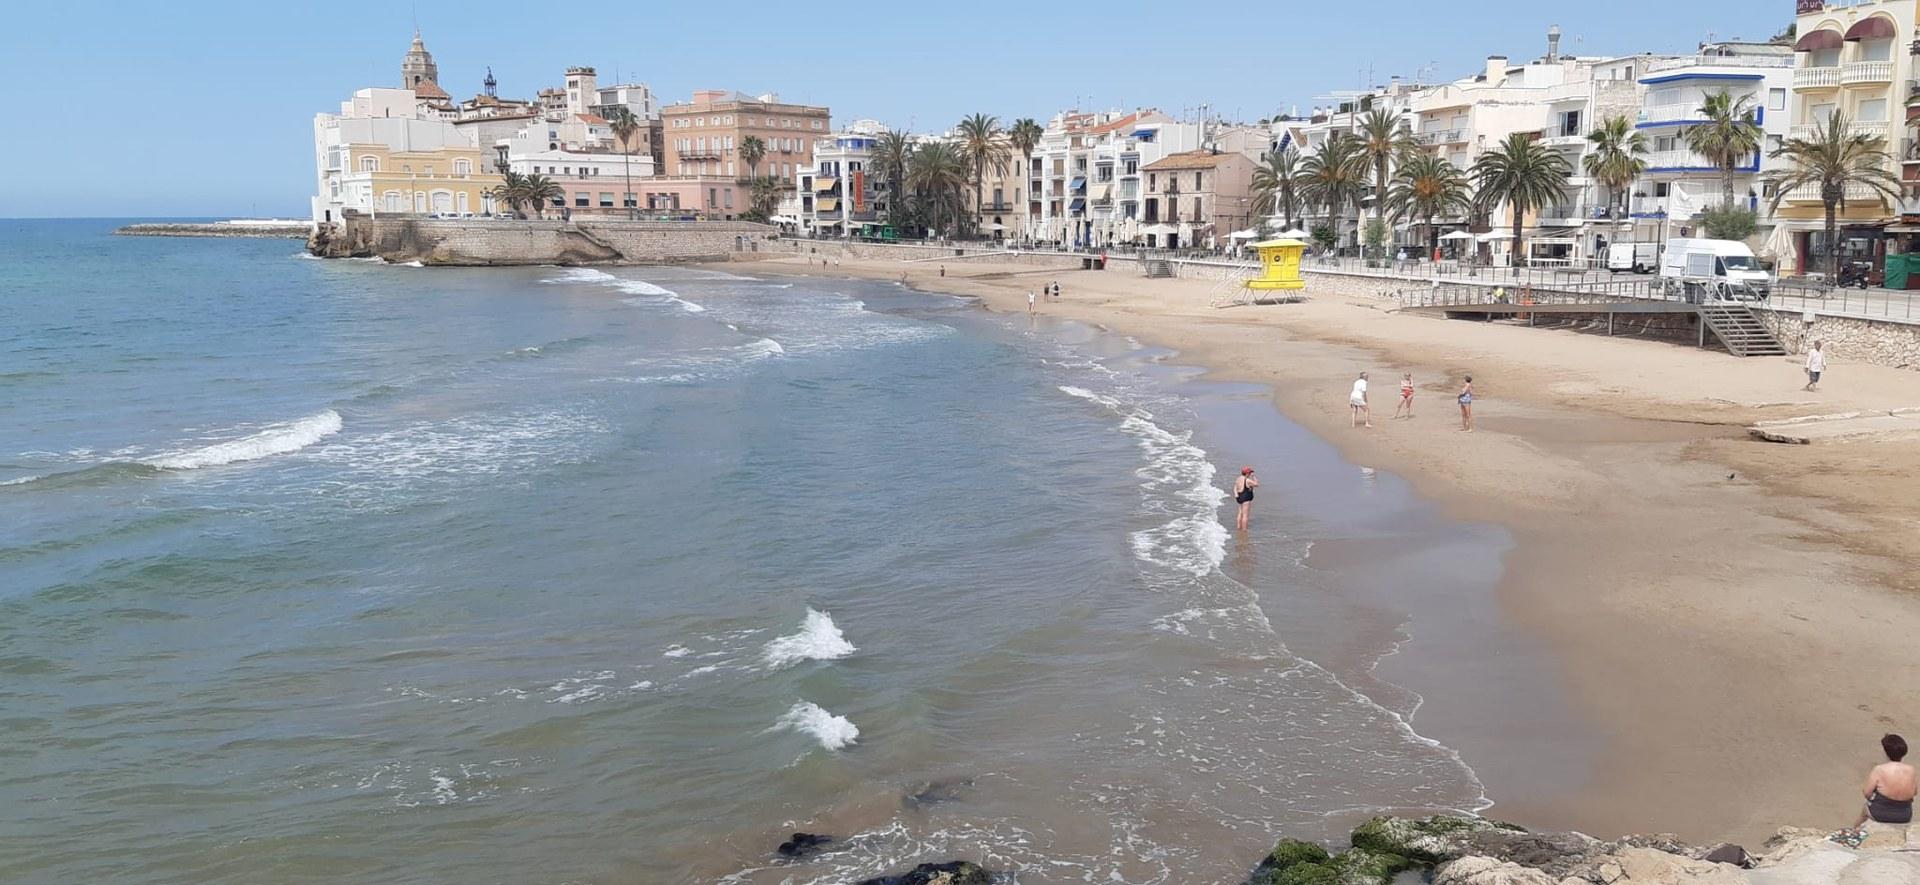 El terme municipal de Sitges, a excepció del nucli de Les Botigues, passarà a la fase 2 a partir de dilluns